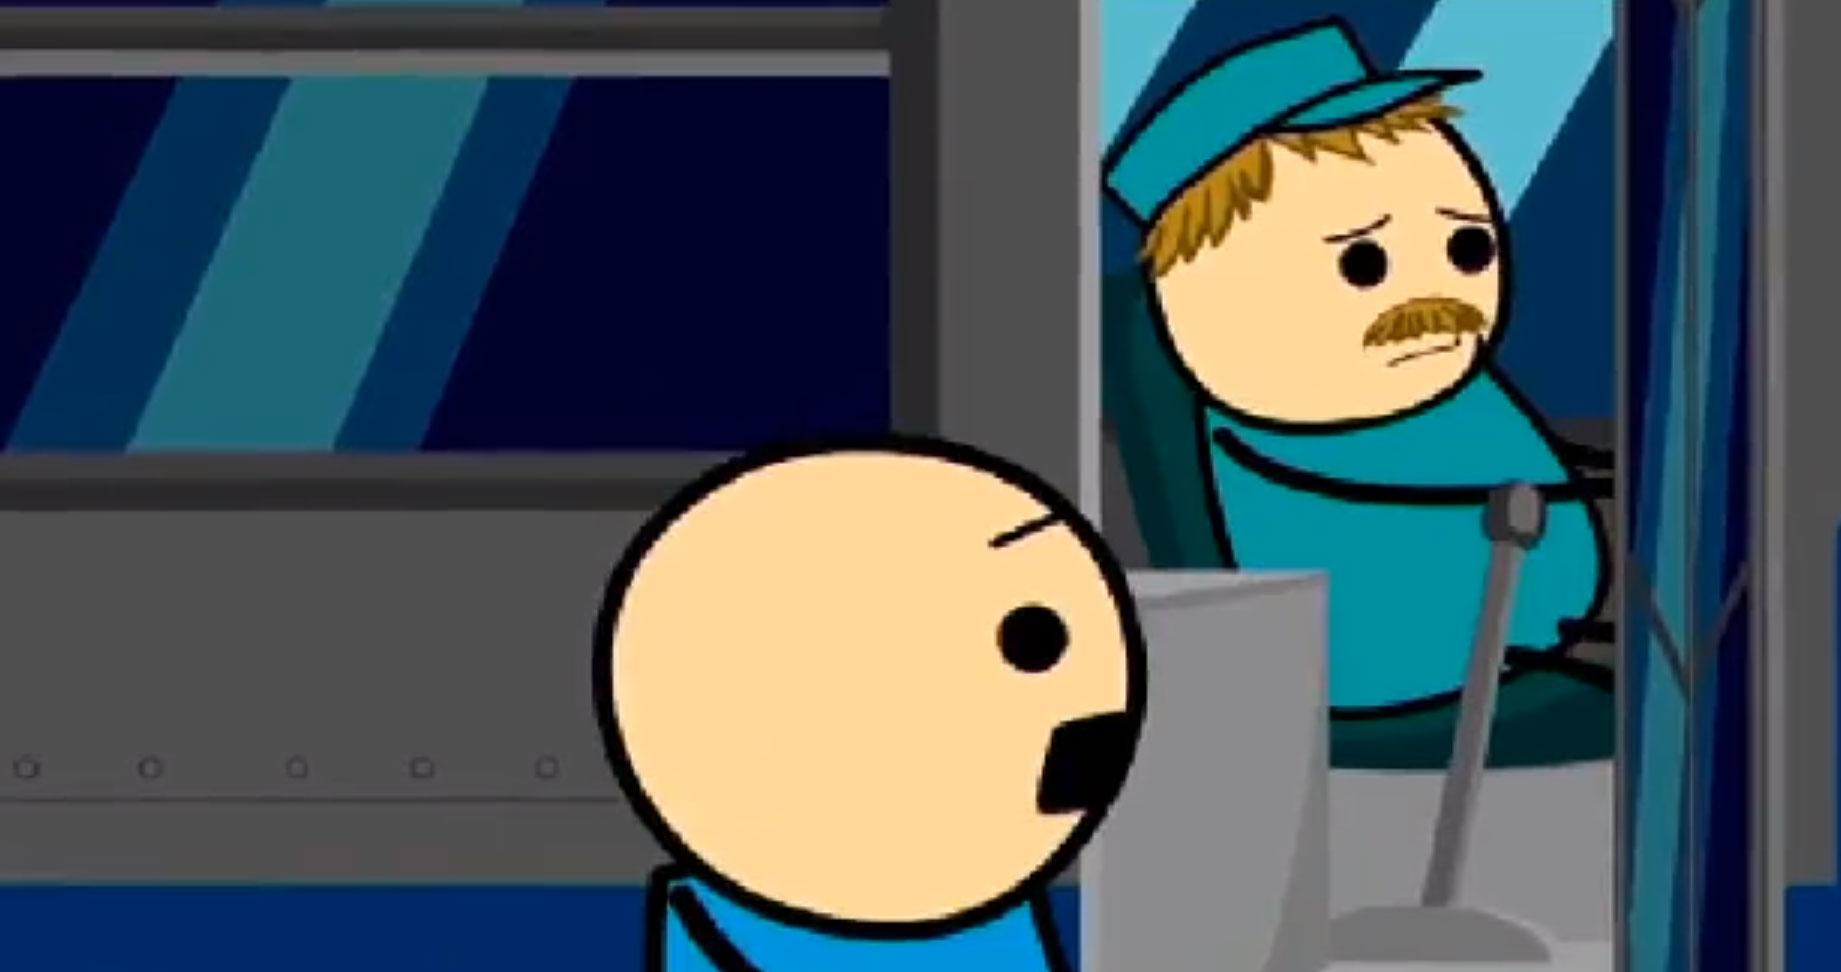 搞笑动画视频《等车》,寓意深刻